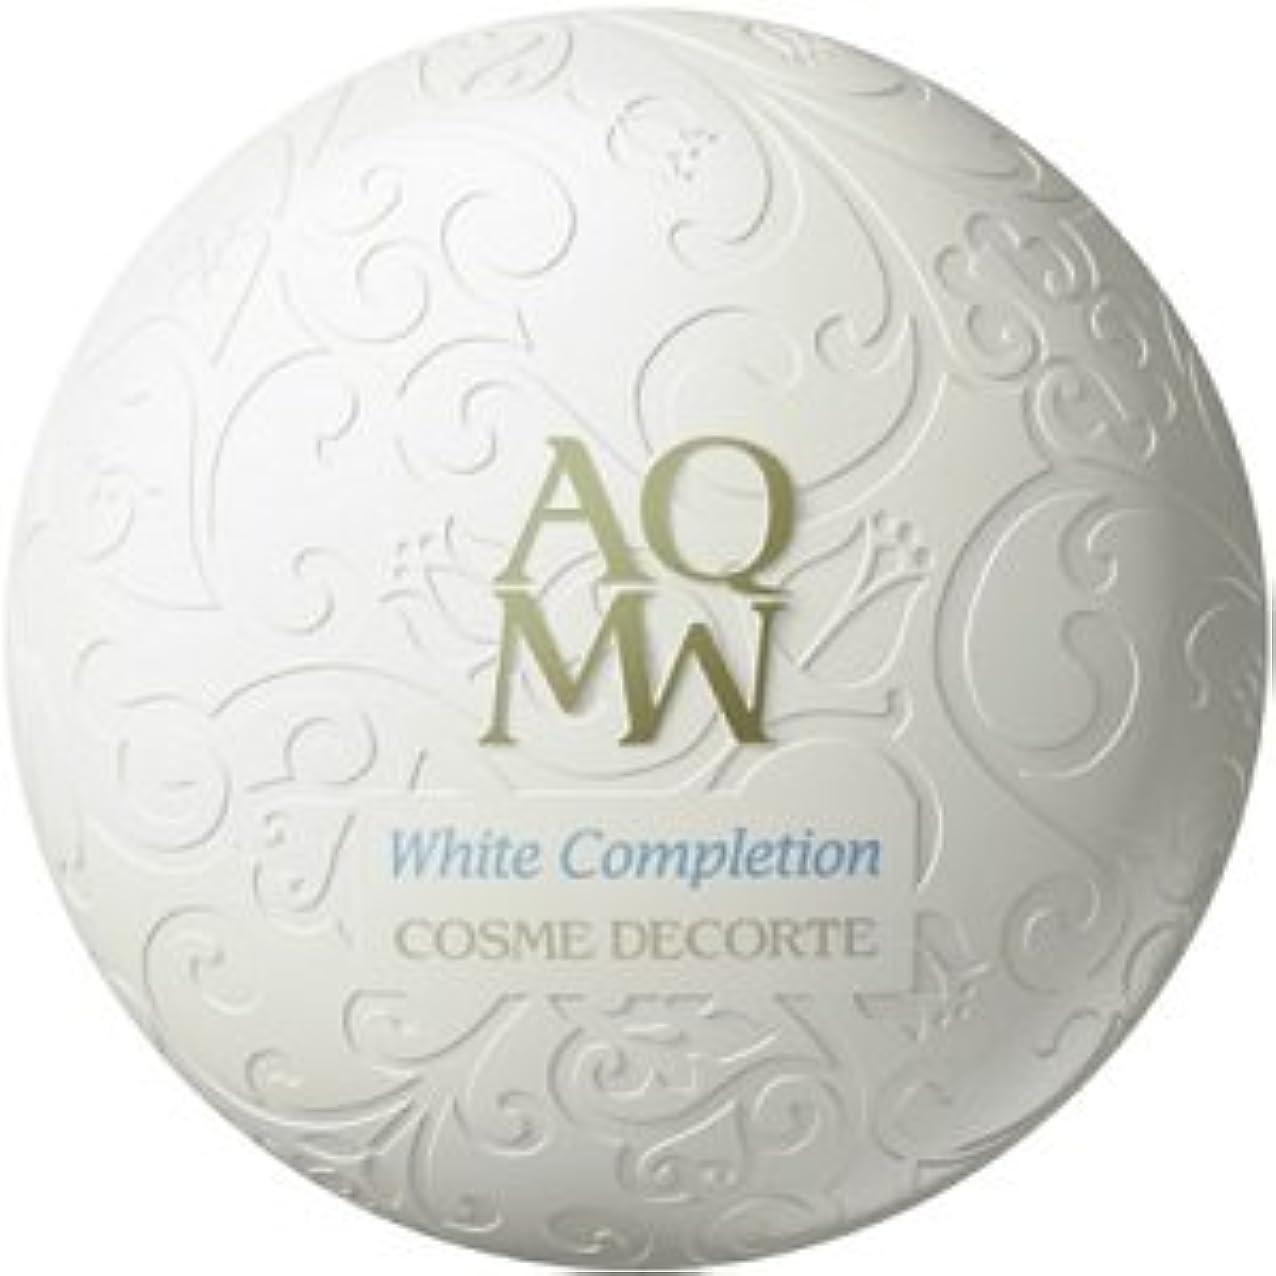 スカルク前件粗いコスメデコルテ AQMW ホワイトコンプリーション 25g